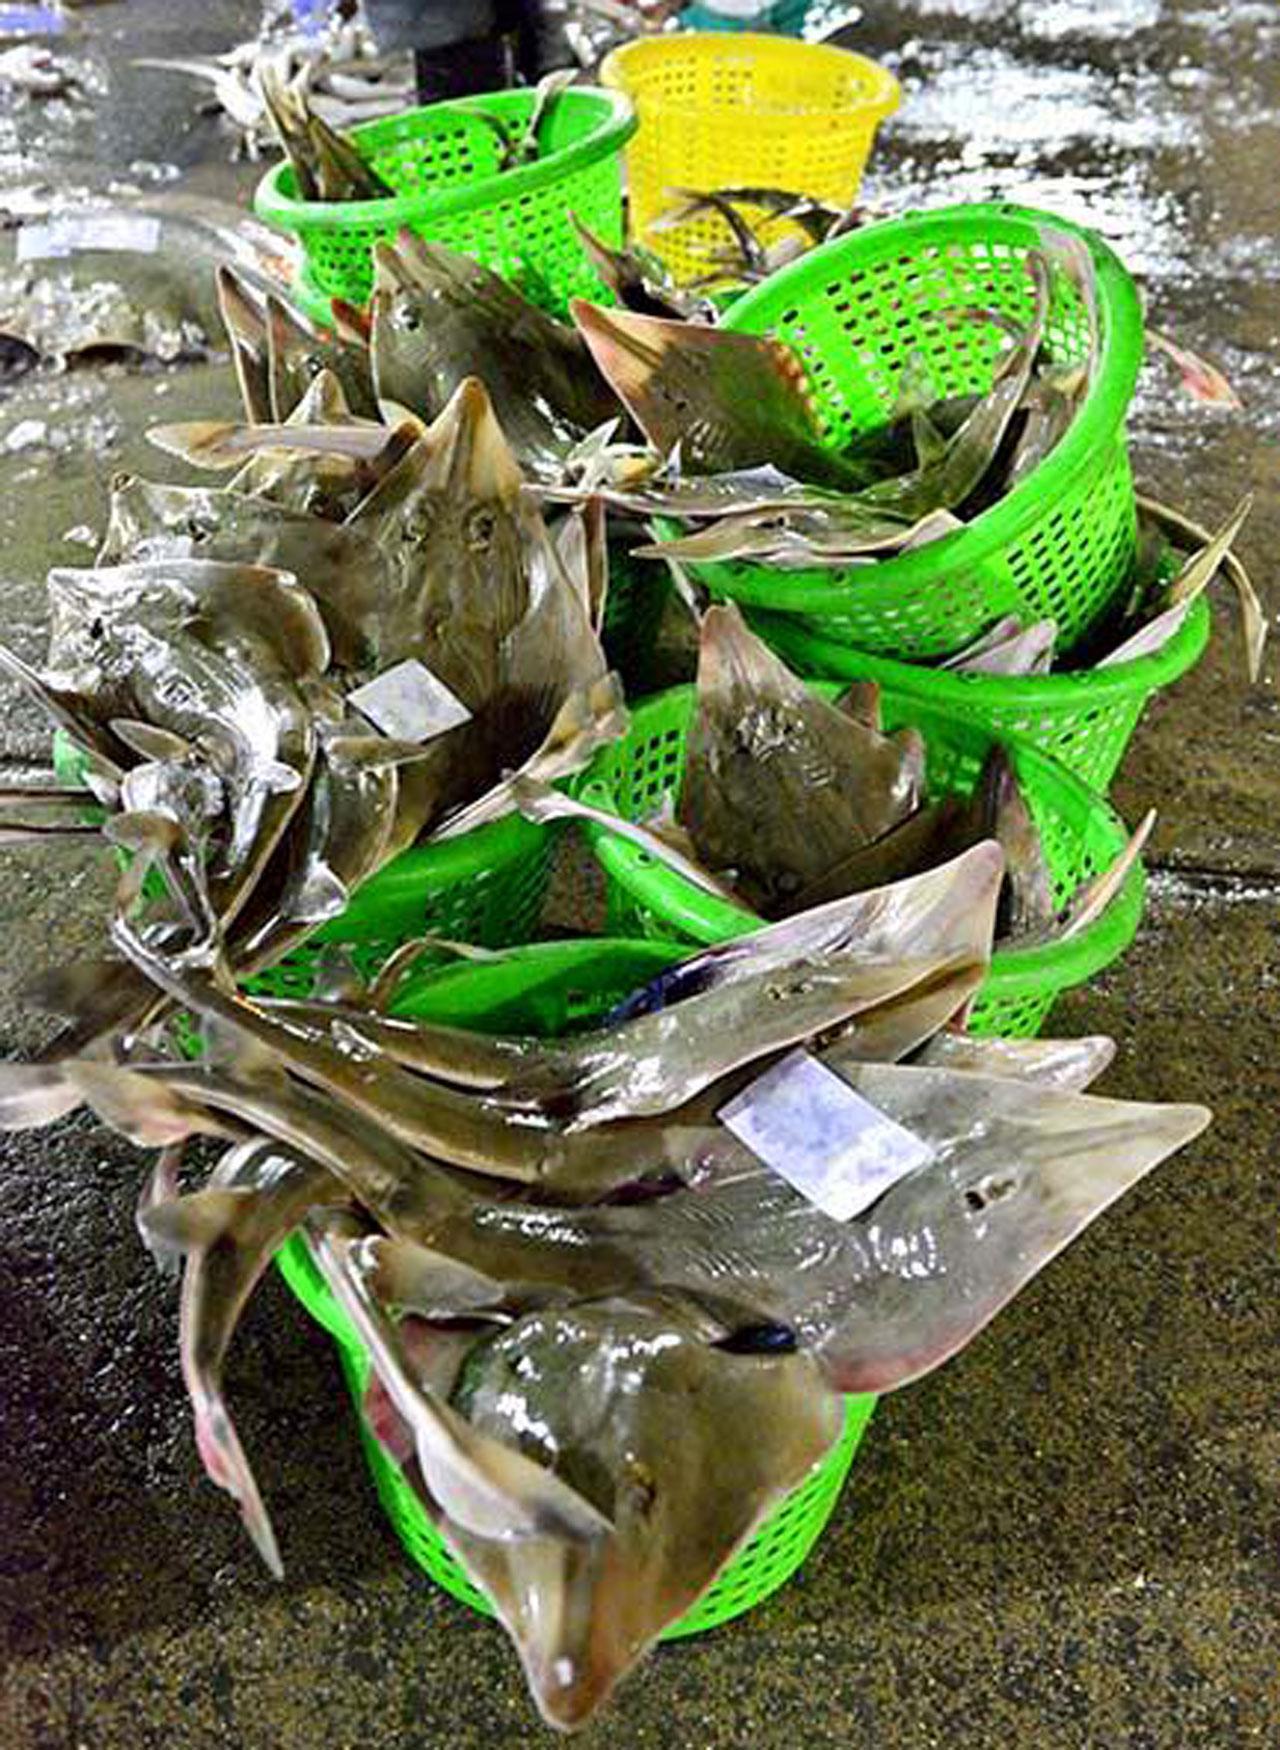 ภาพปลาโรนันนับร้อยตัว อยู่ในตะกร้า ที่ตลาดปลา (ภาพจาก facebook :  Go Travel Photo)